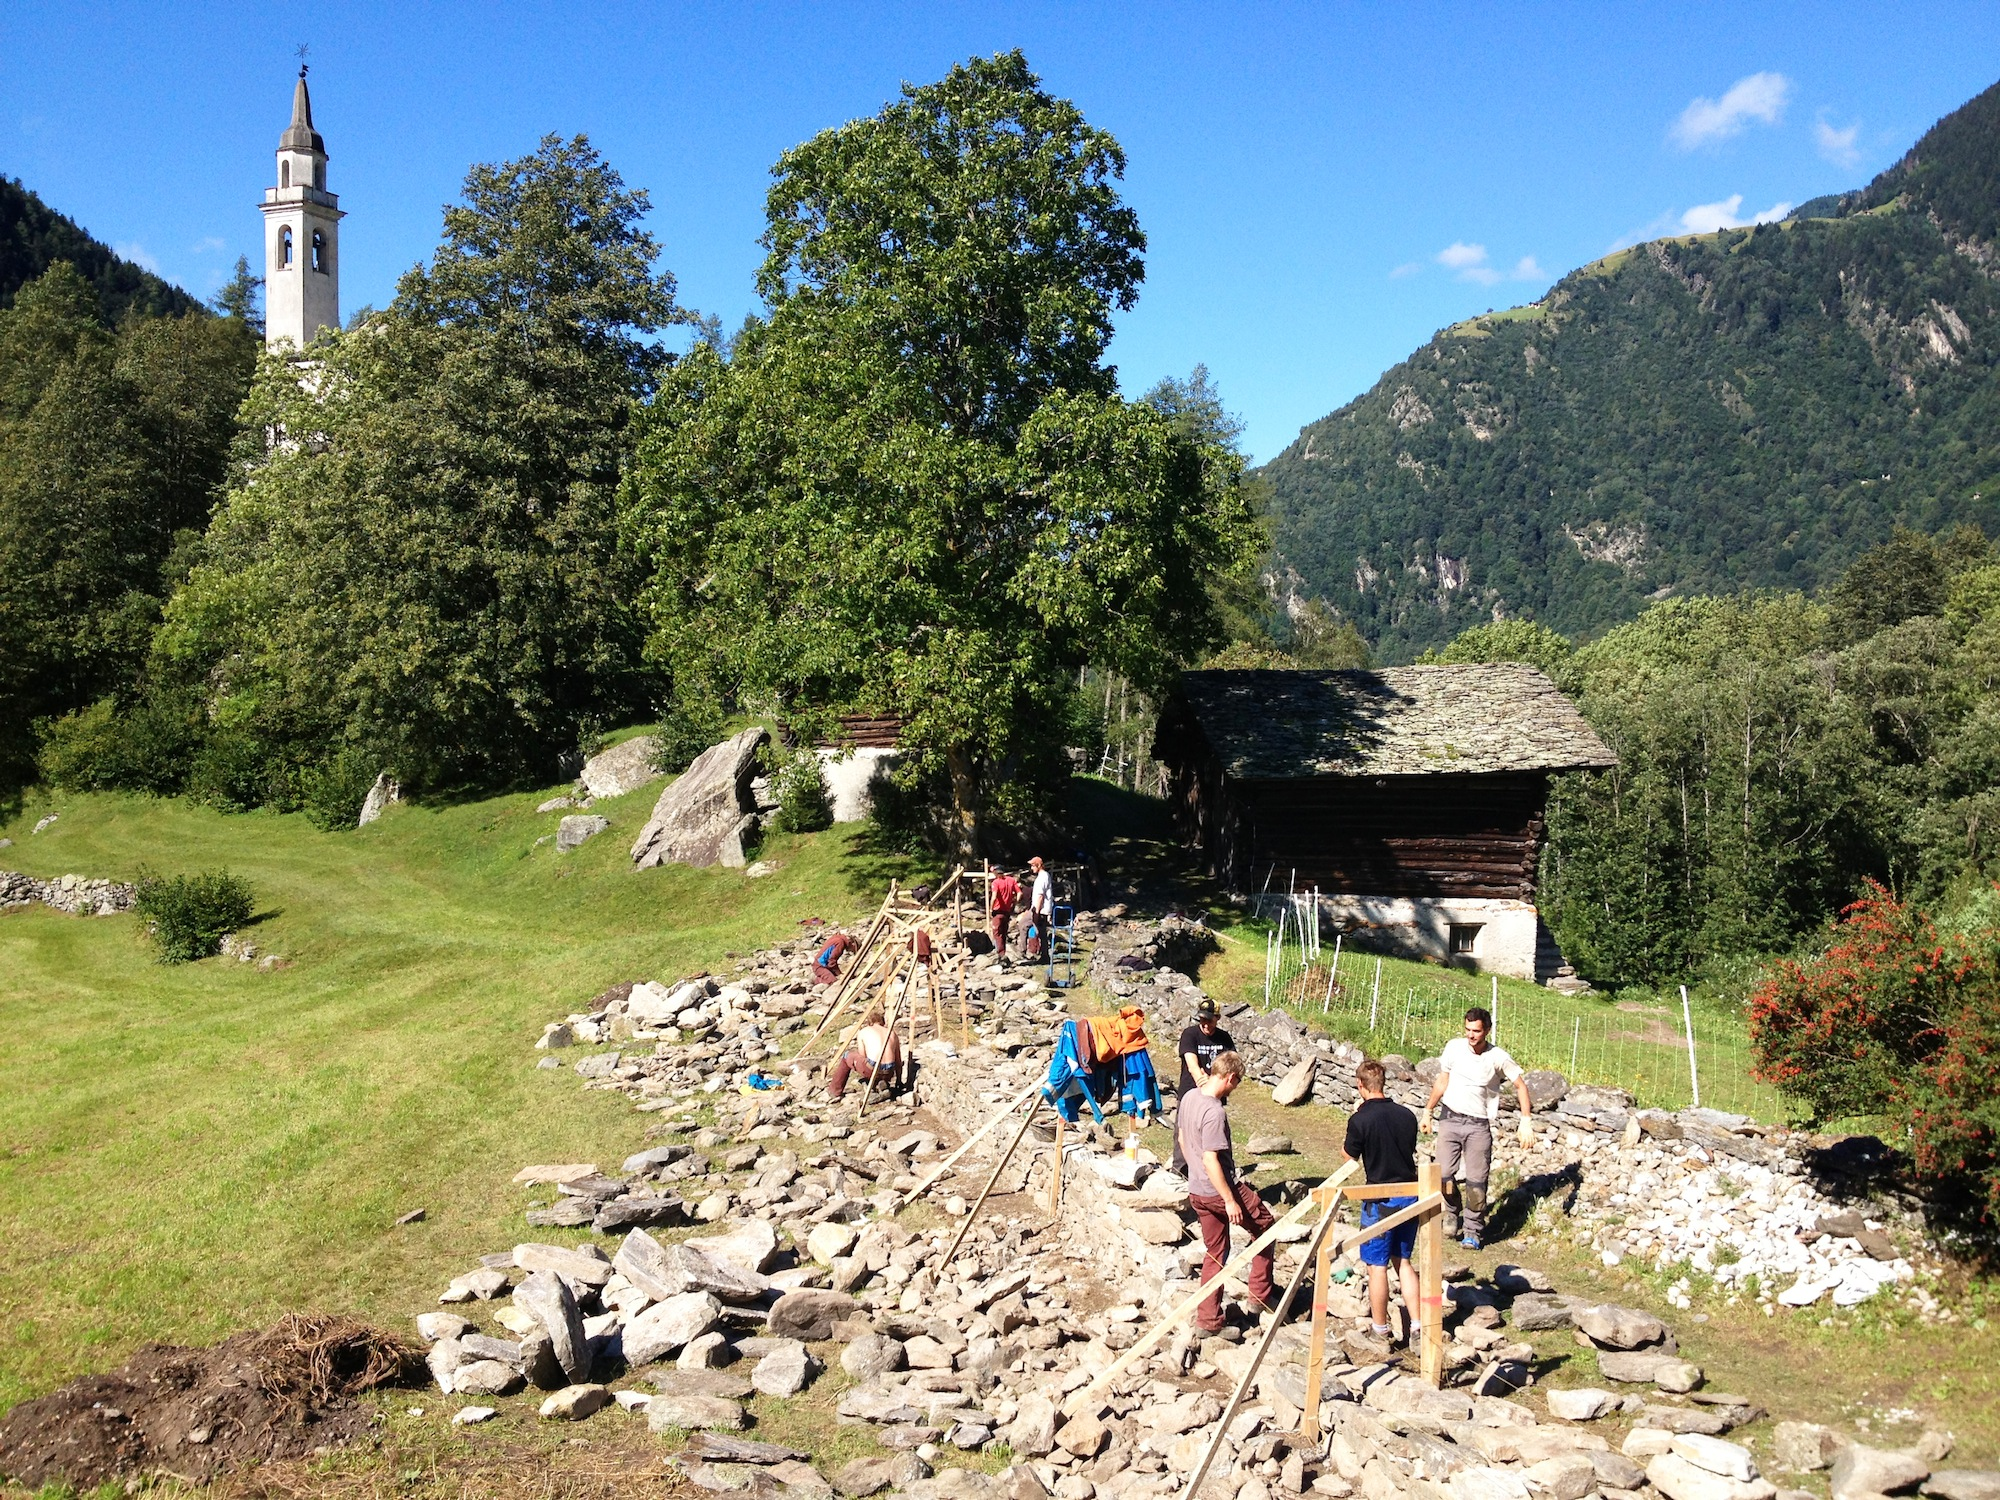 Zwei kleinere Mauern begleiten den Weg zu Kirche und Friedhof.